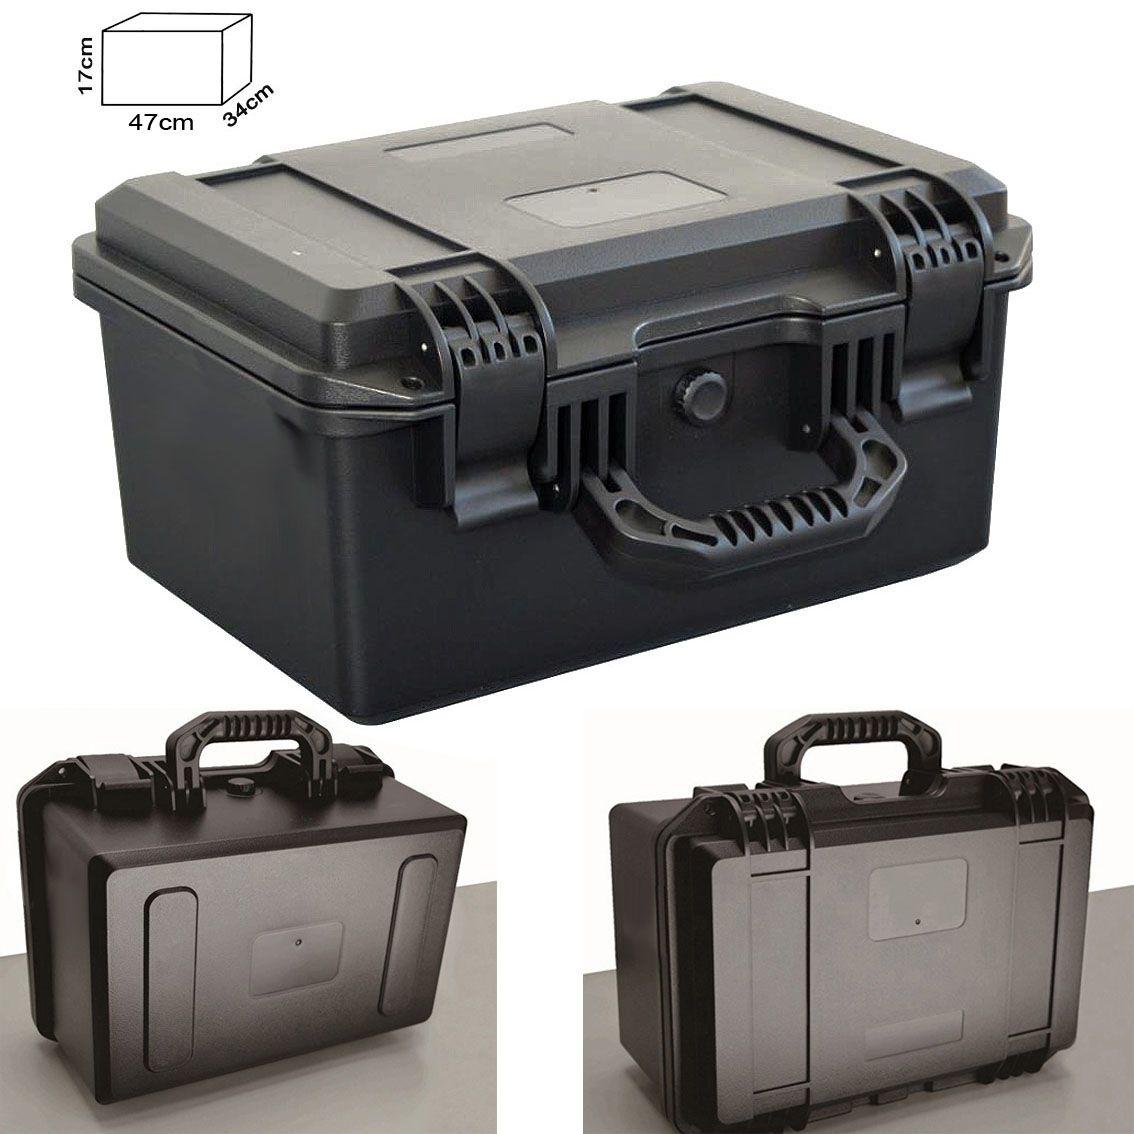 Mala Rigida DSLR - CaseONE YF2944H Foam com Kit de Limpeza EC05  - Diafilme Materiais Fotográficos